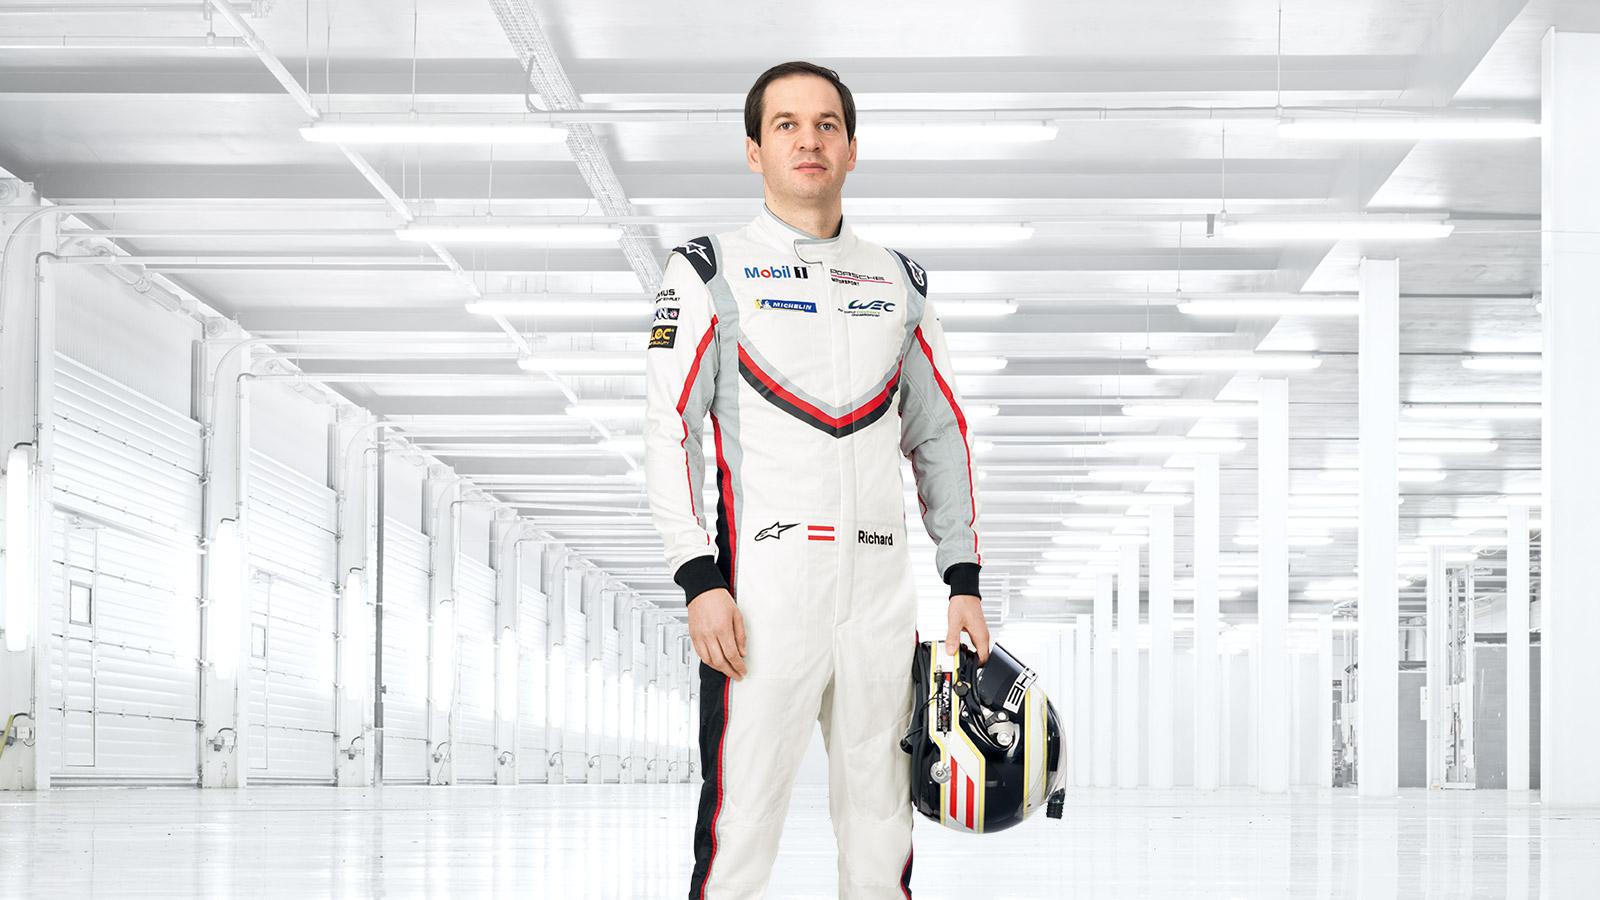 Porsche - Richard Lietz Car No. 91